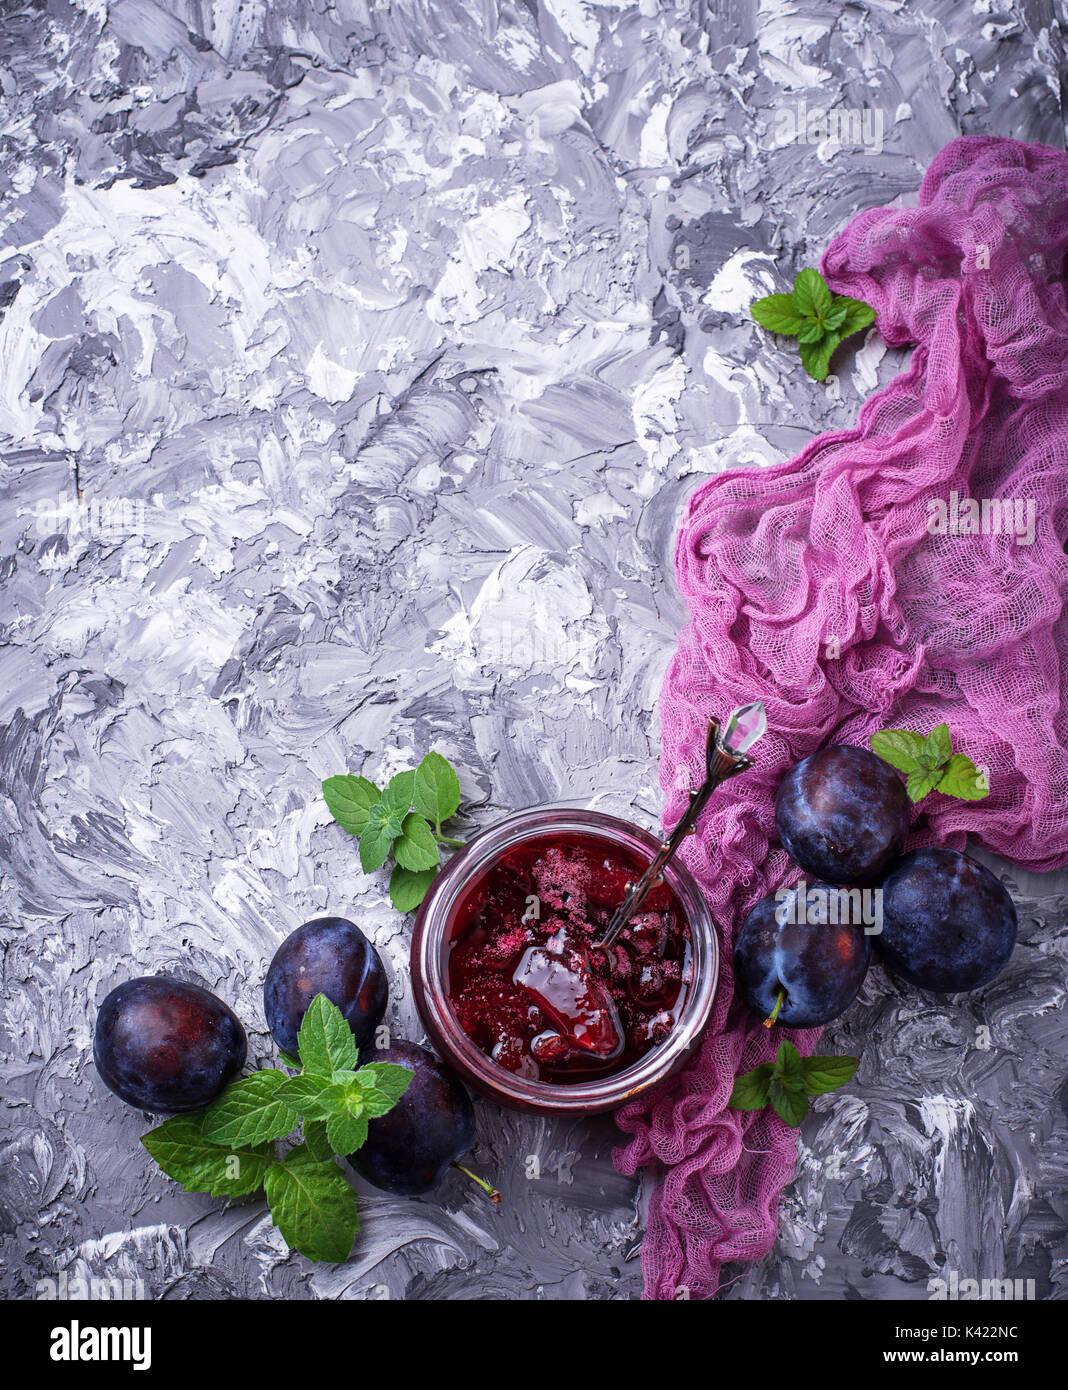 Vasetto di marmellata di prugne Immagini Stock